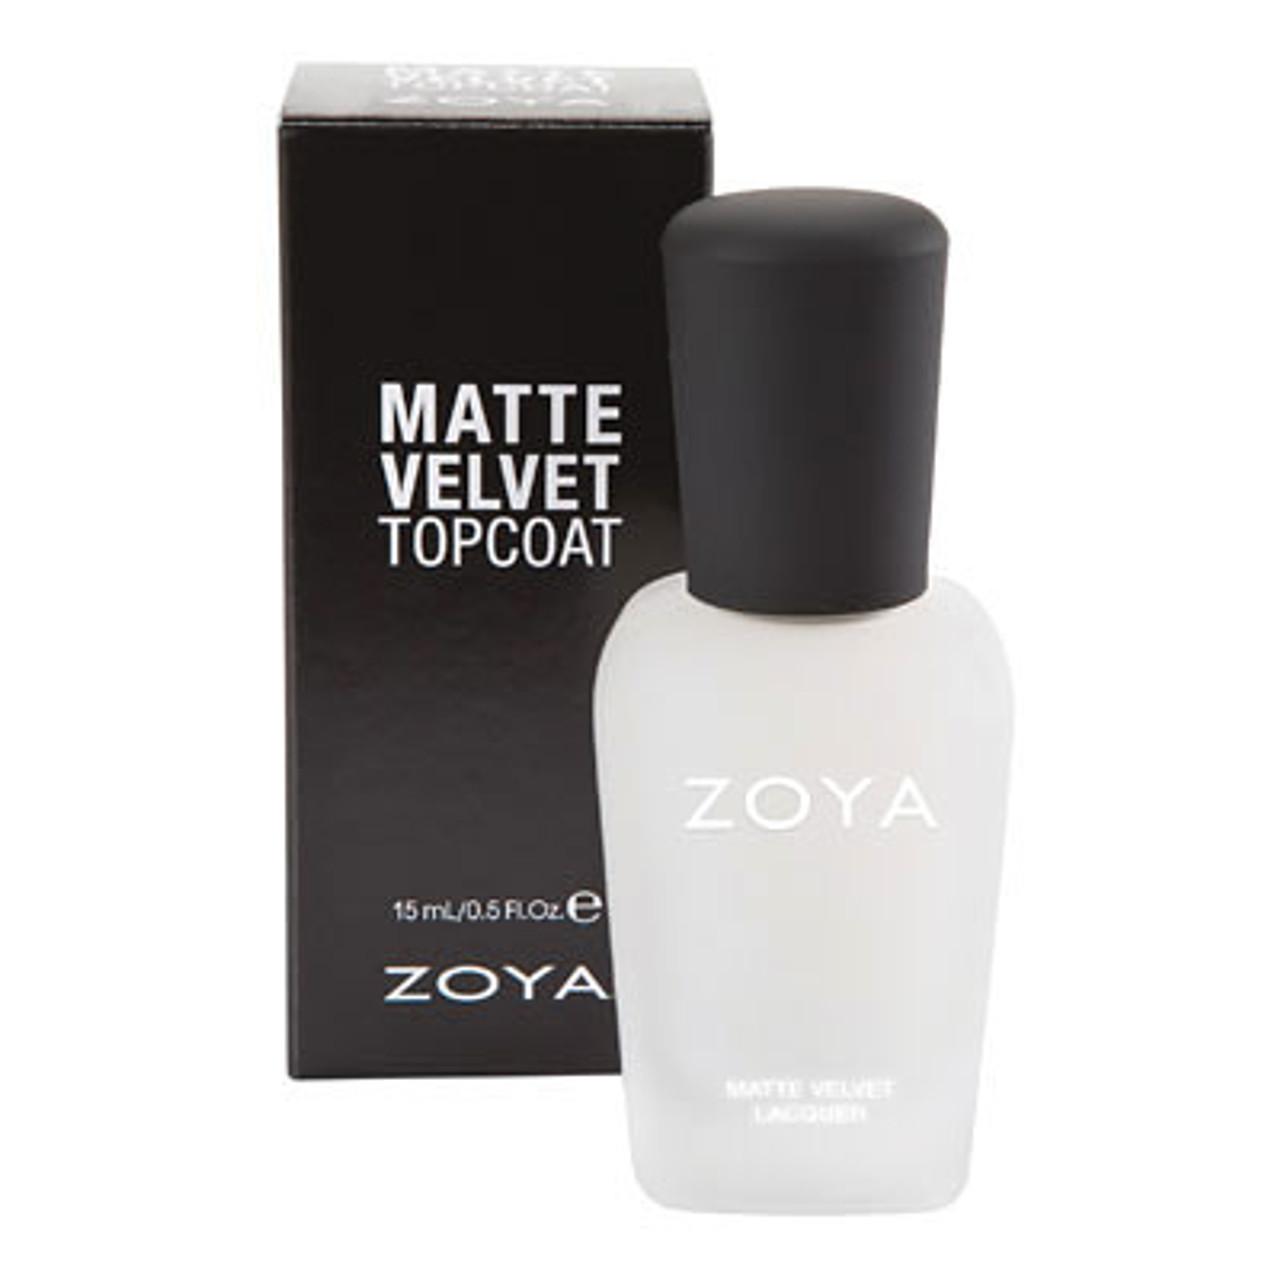 Zoya Matte Velvet Top Coat BeautifiedYou.com